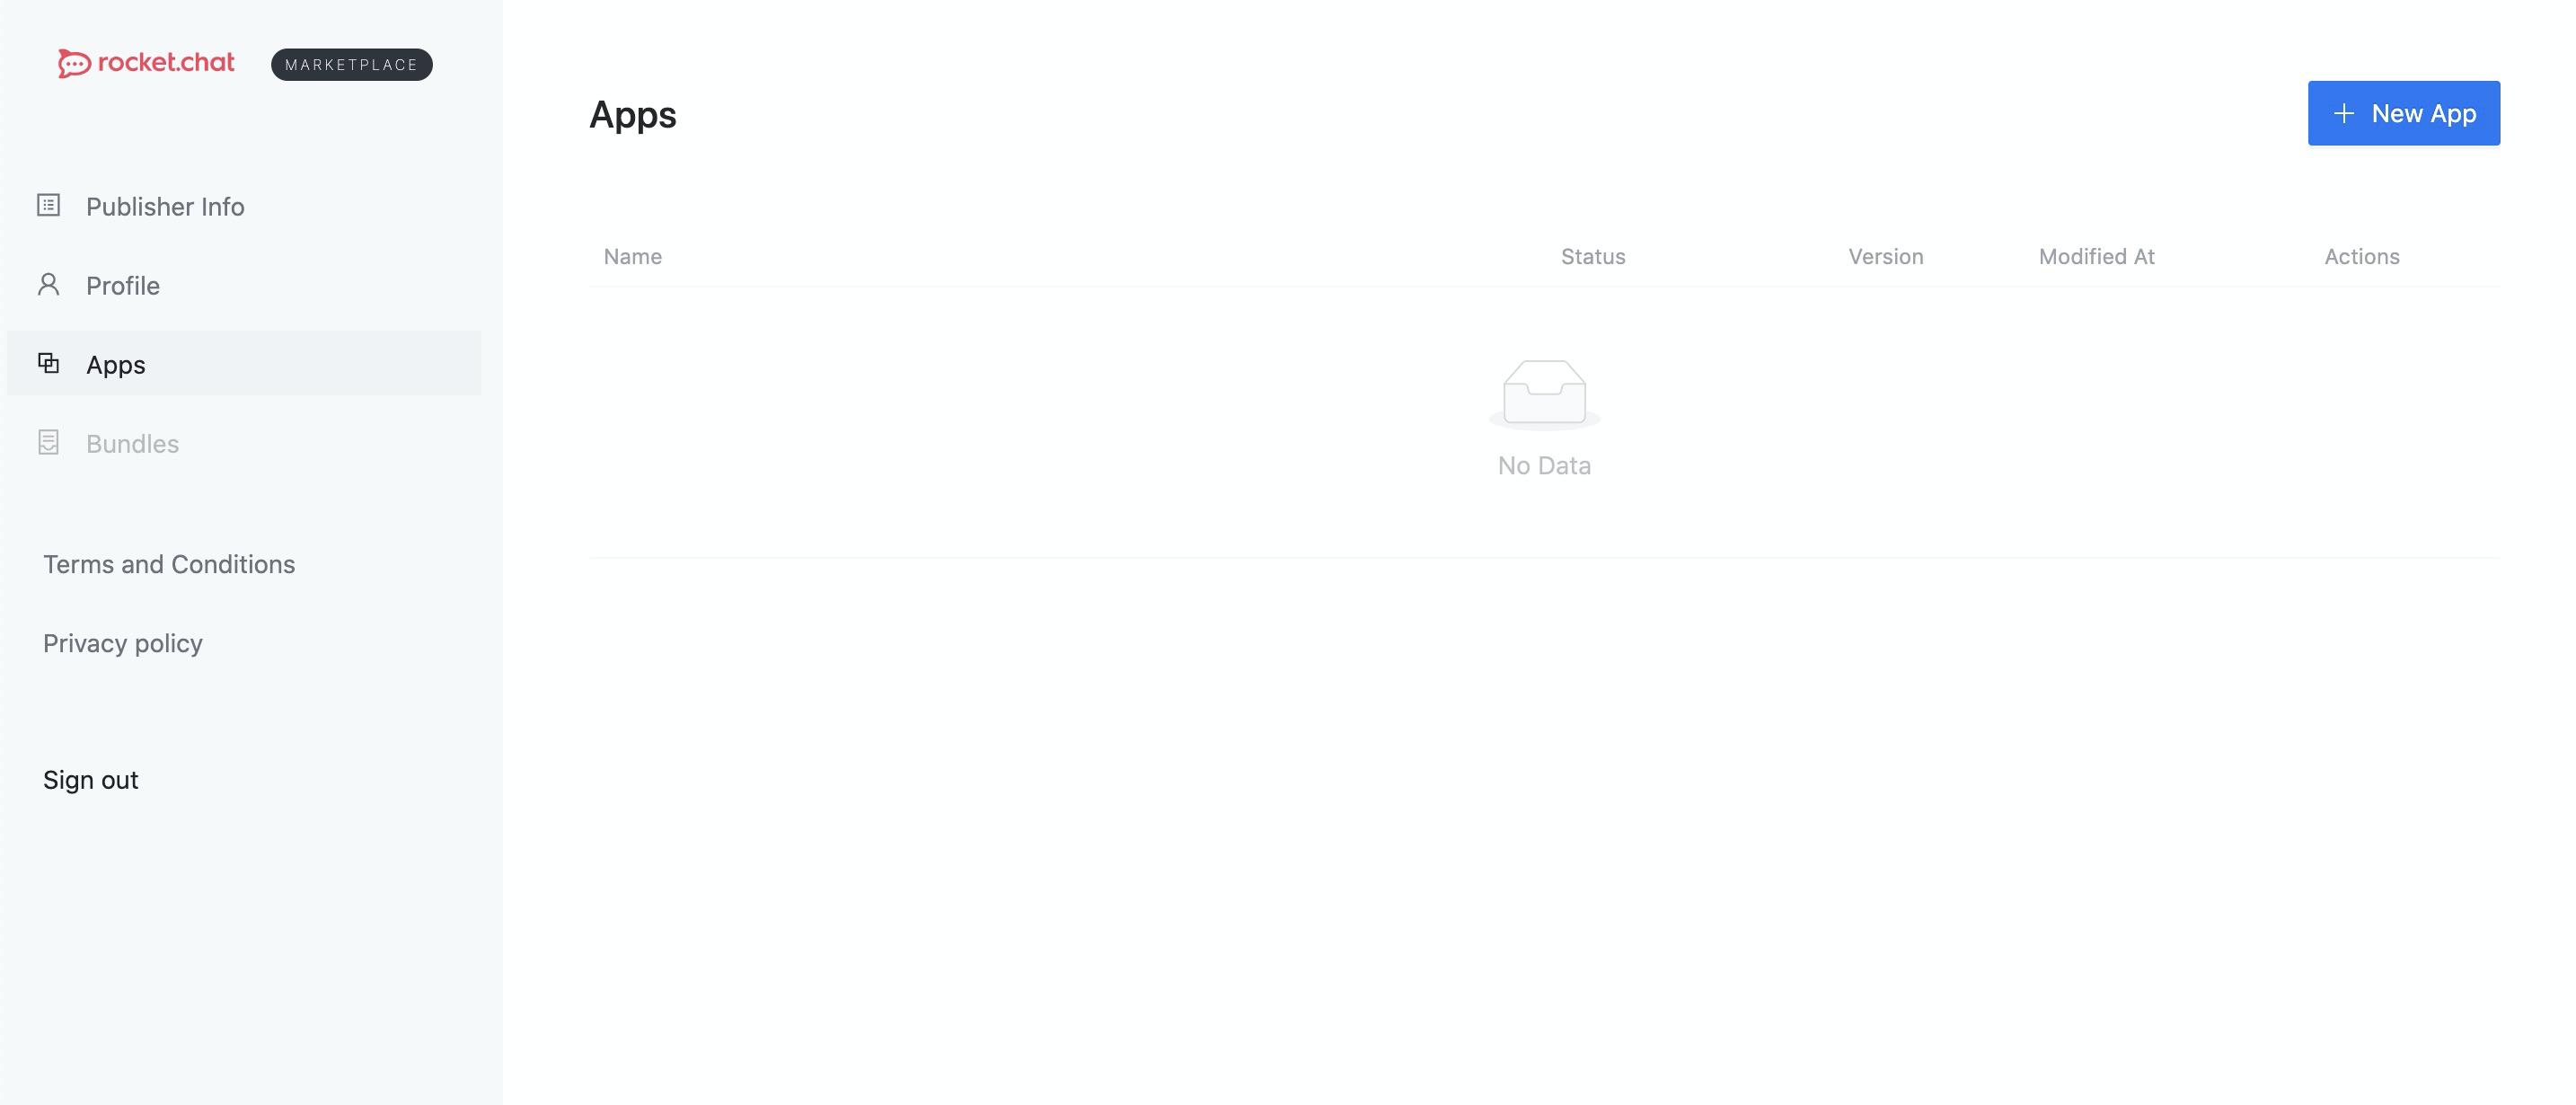 .gitbook/assets/image (187).png